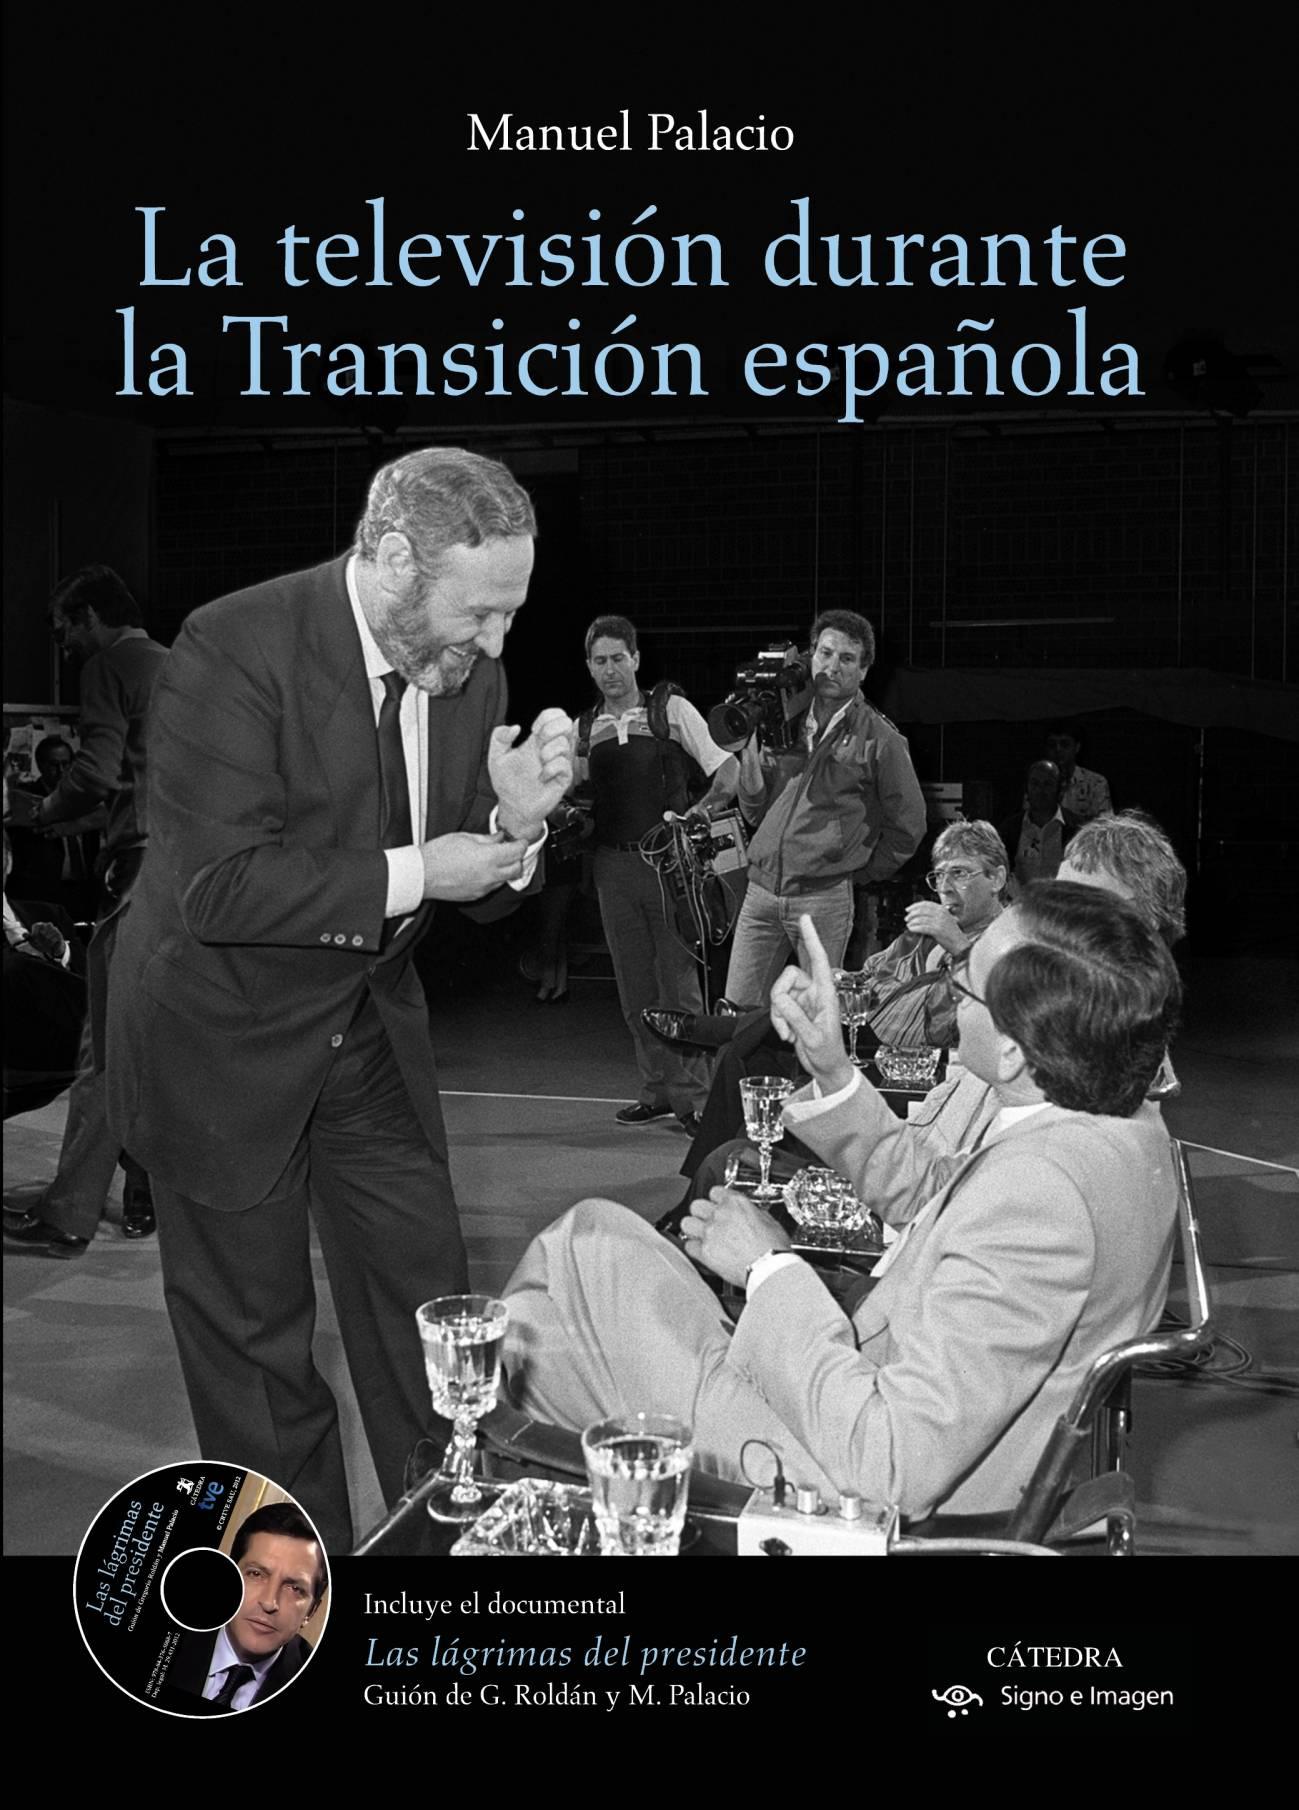 """Portada del libro """"La televisión durante la Transición española"""" (Cátedra, 2012) de Manuel Palacio"""